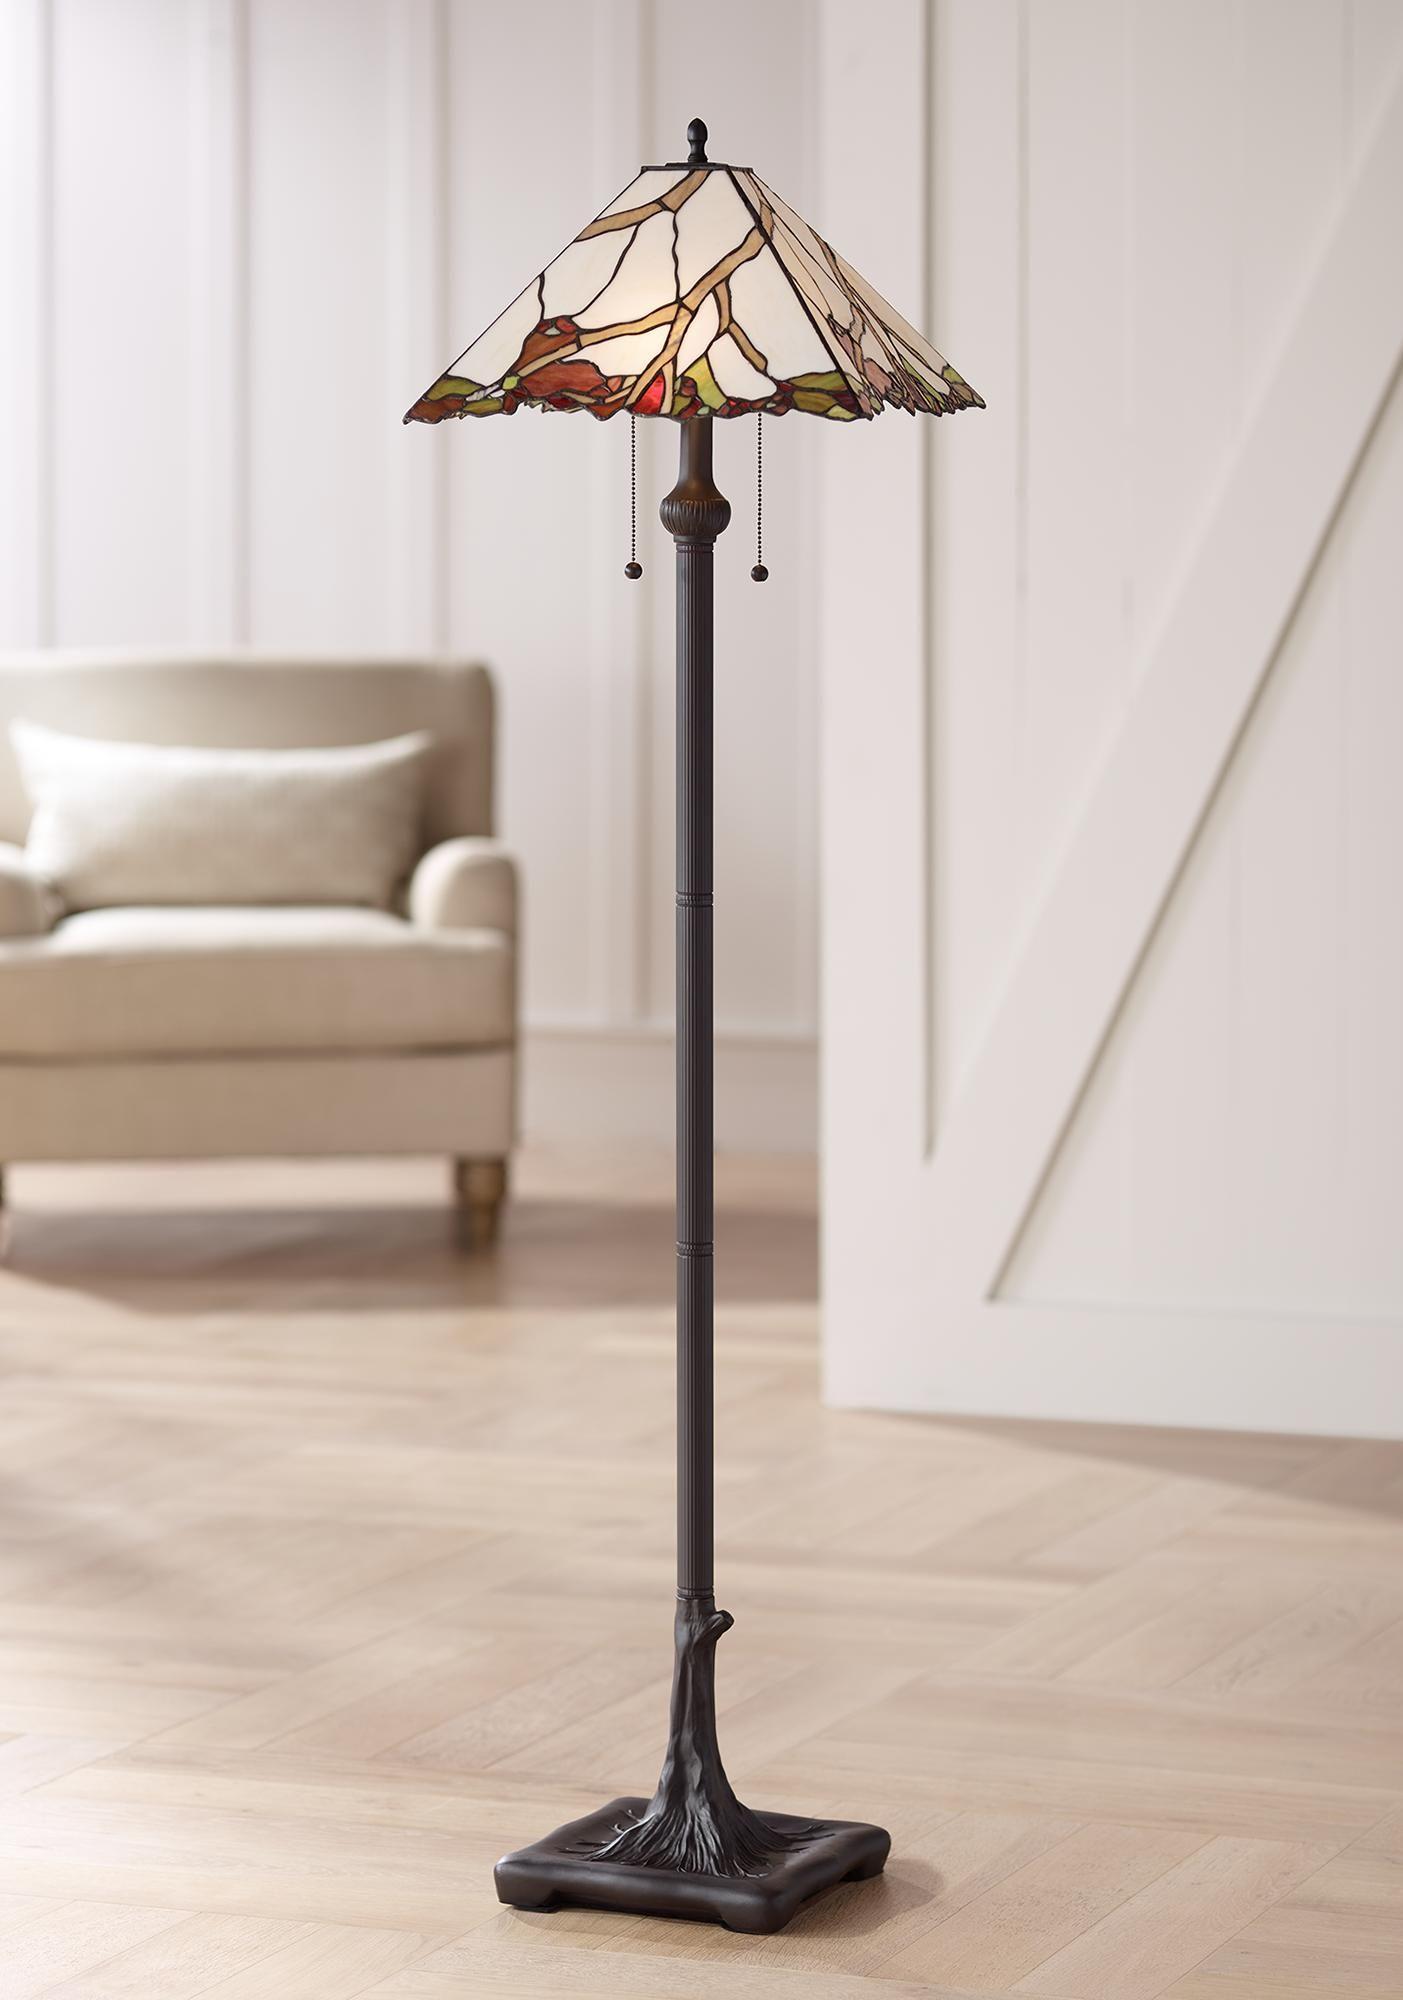 Floor Lamps Robert Louis Tiffany Cherry Blossom Art Glass Floor Lamp Tiffany Style Floor Lamps Tiffany Floor Lamp Glass Floor Lamp